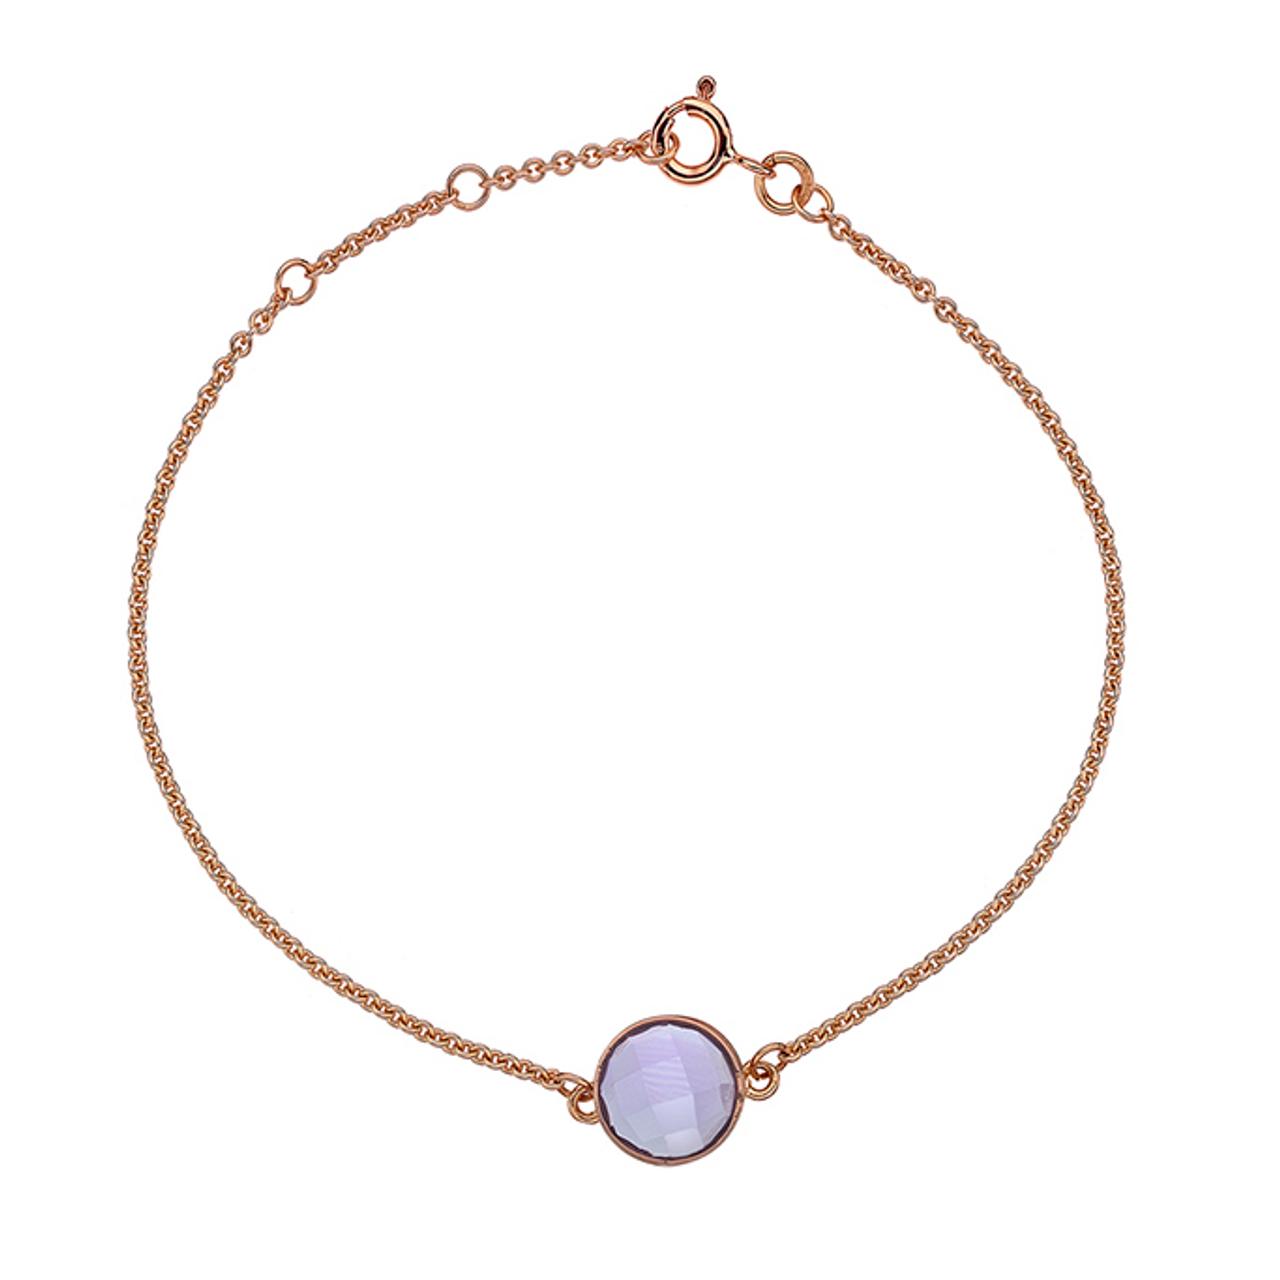 9ct Rose Gold & Amethyst Bracelet